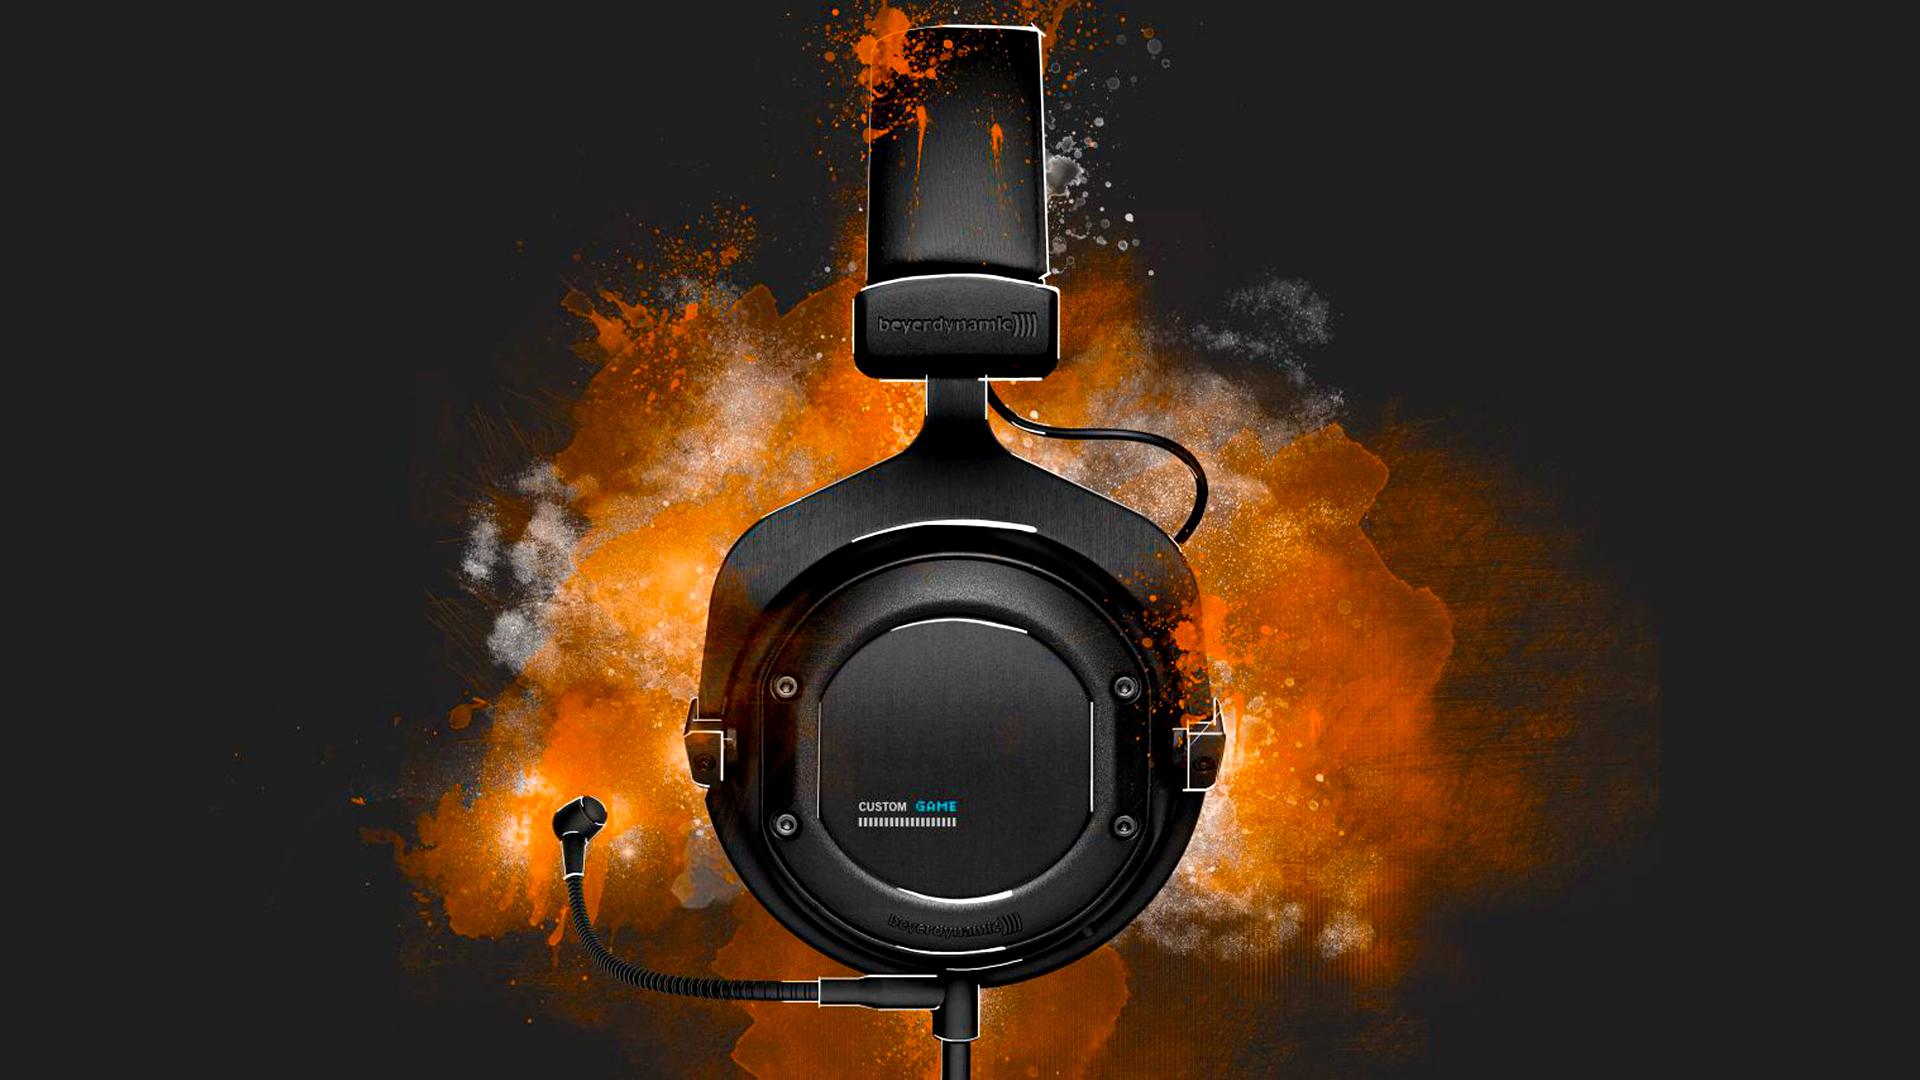 Beyerdynamic CUSTOM Game Interactive Gaming Headset